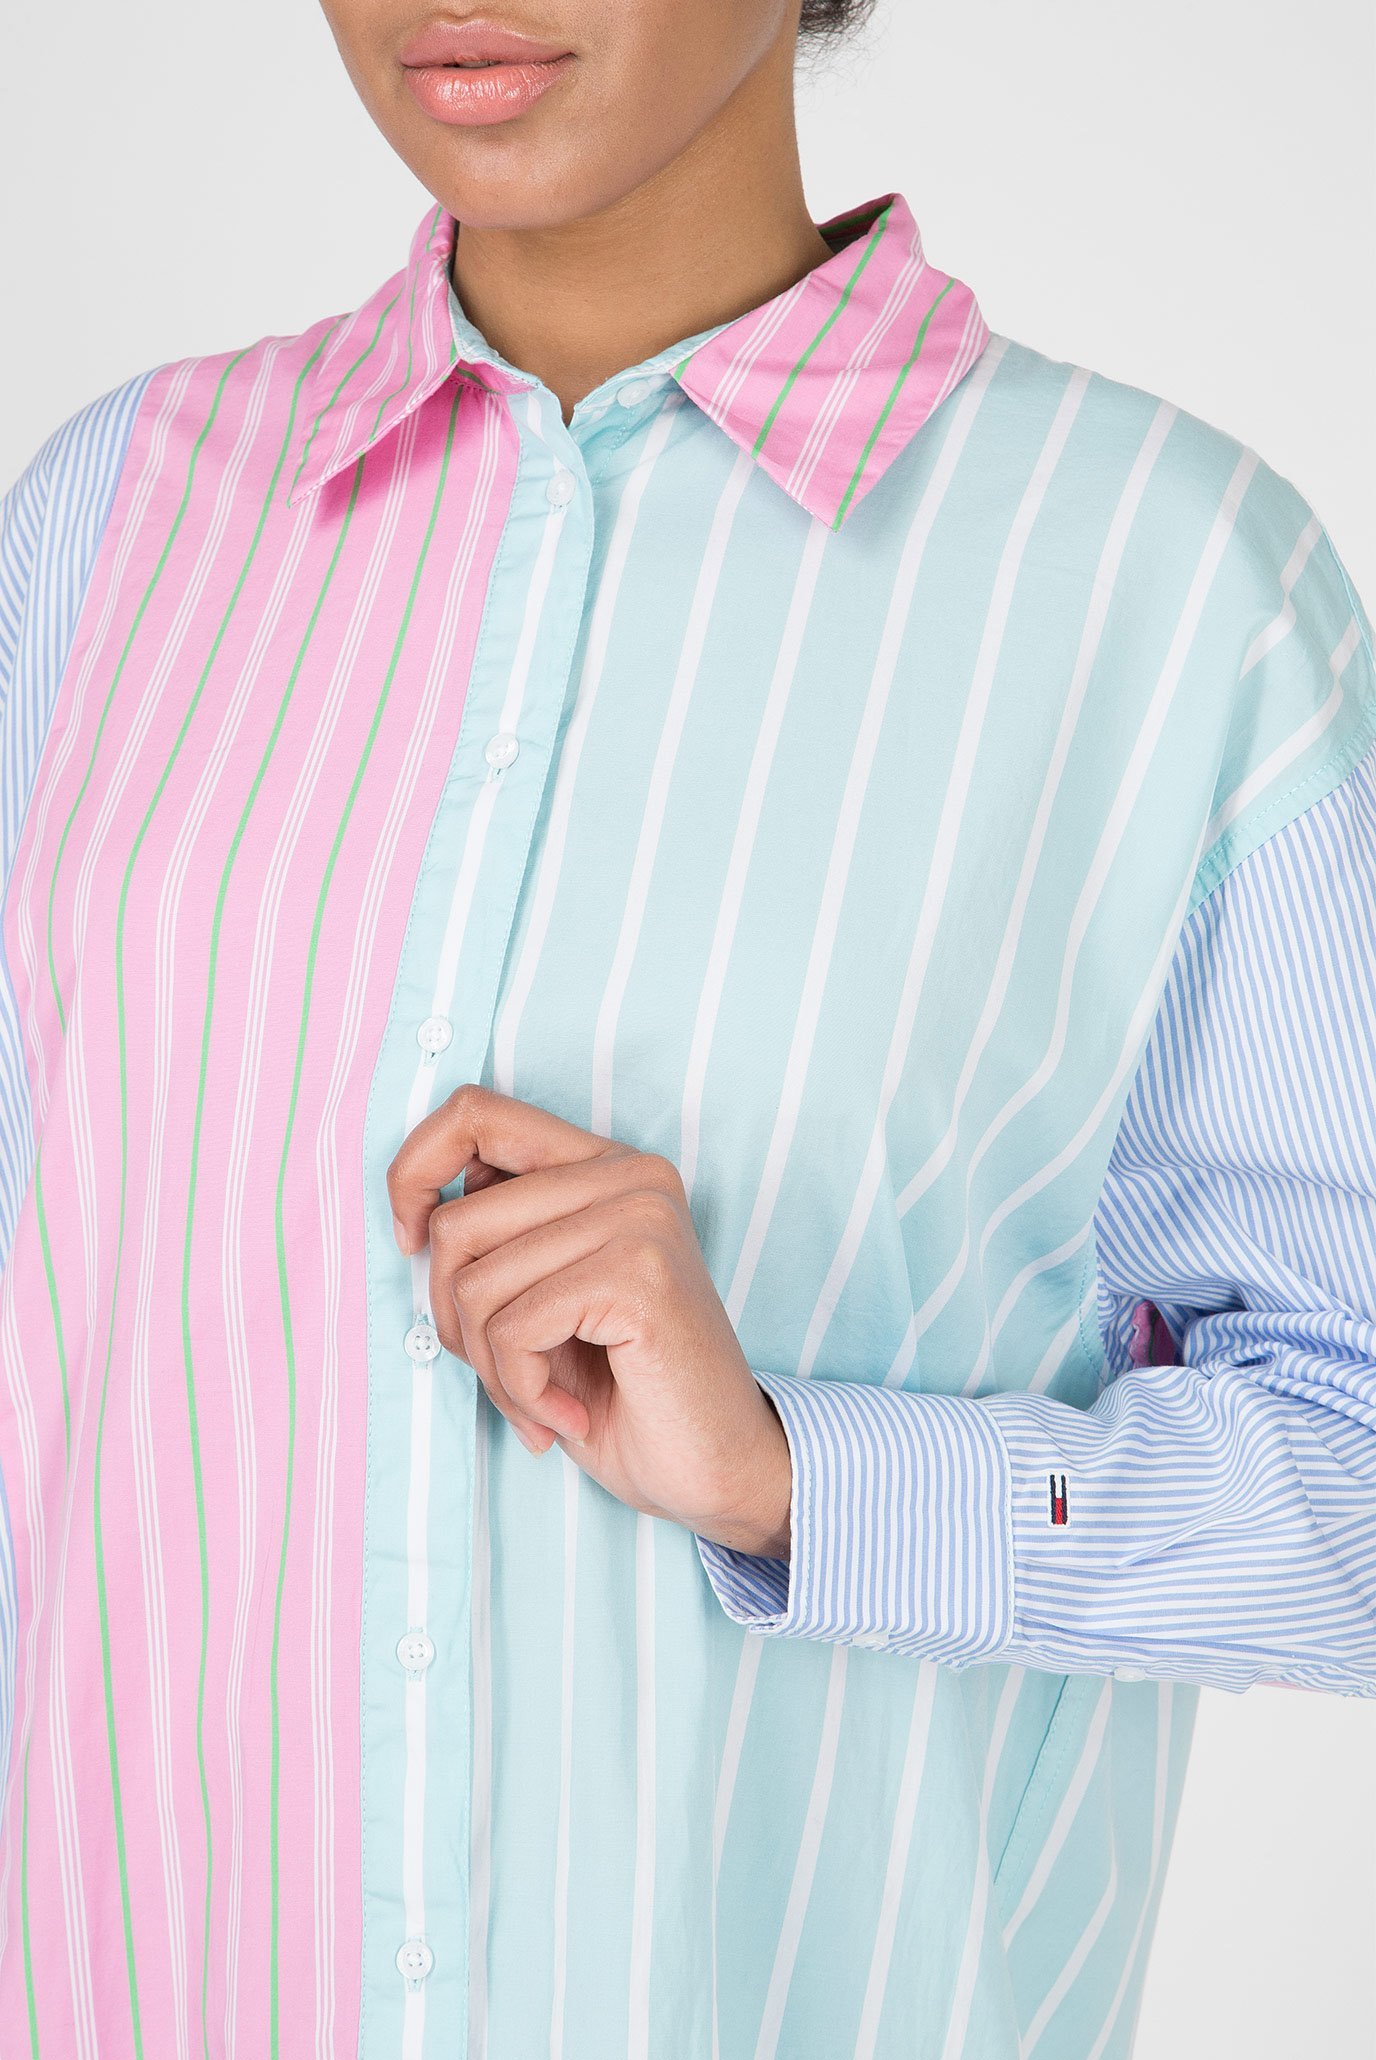 Купить Женская рубашка в полоску TJW MULTICOLOR STRIPE Tommy Hilfiger Tommy Hilfiger DW0DW06119 – Киев, Украина. Цены в интернет магазине MD Fashion